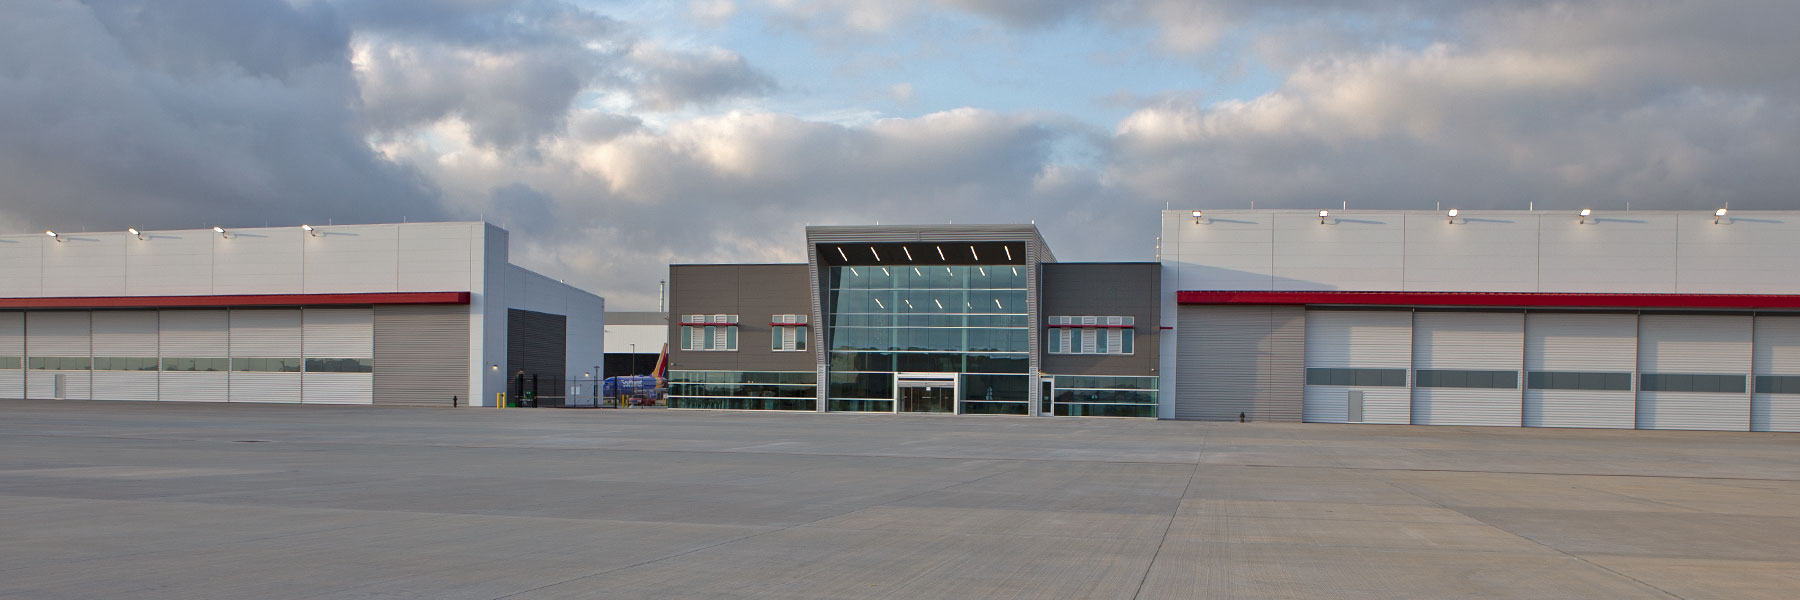 Galaxy FBO - William P. Hobby Airport